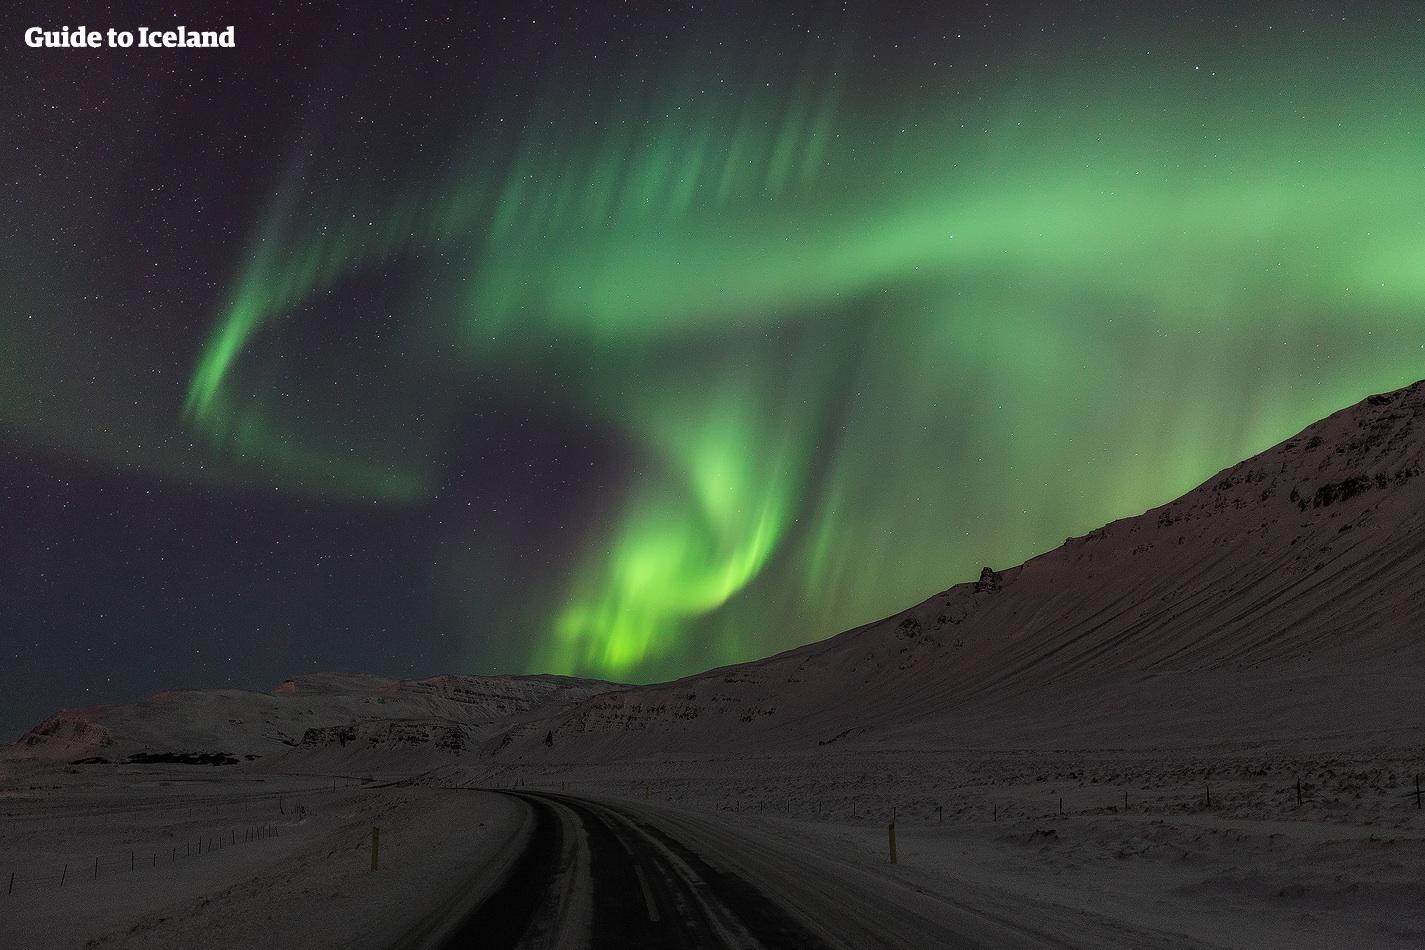 Reise im Winter nach Island und staune über die Nordlichter.